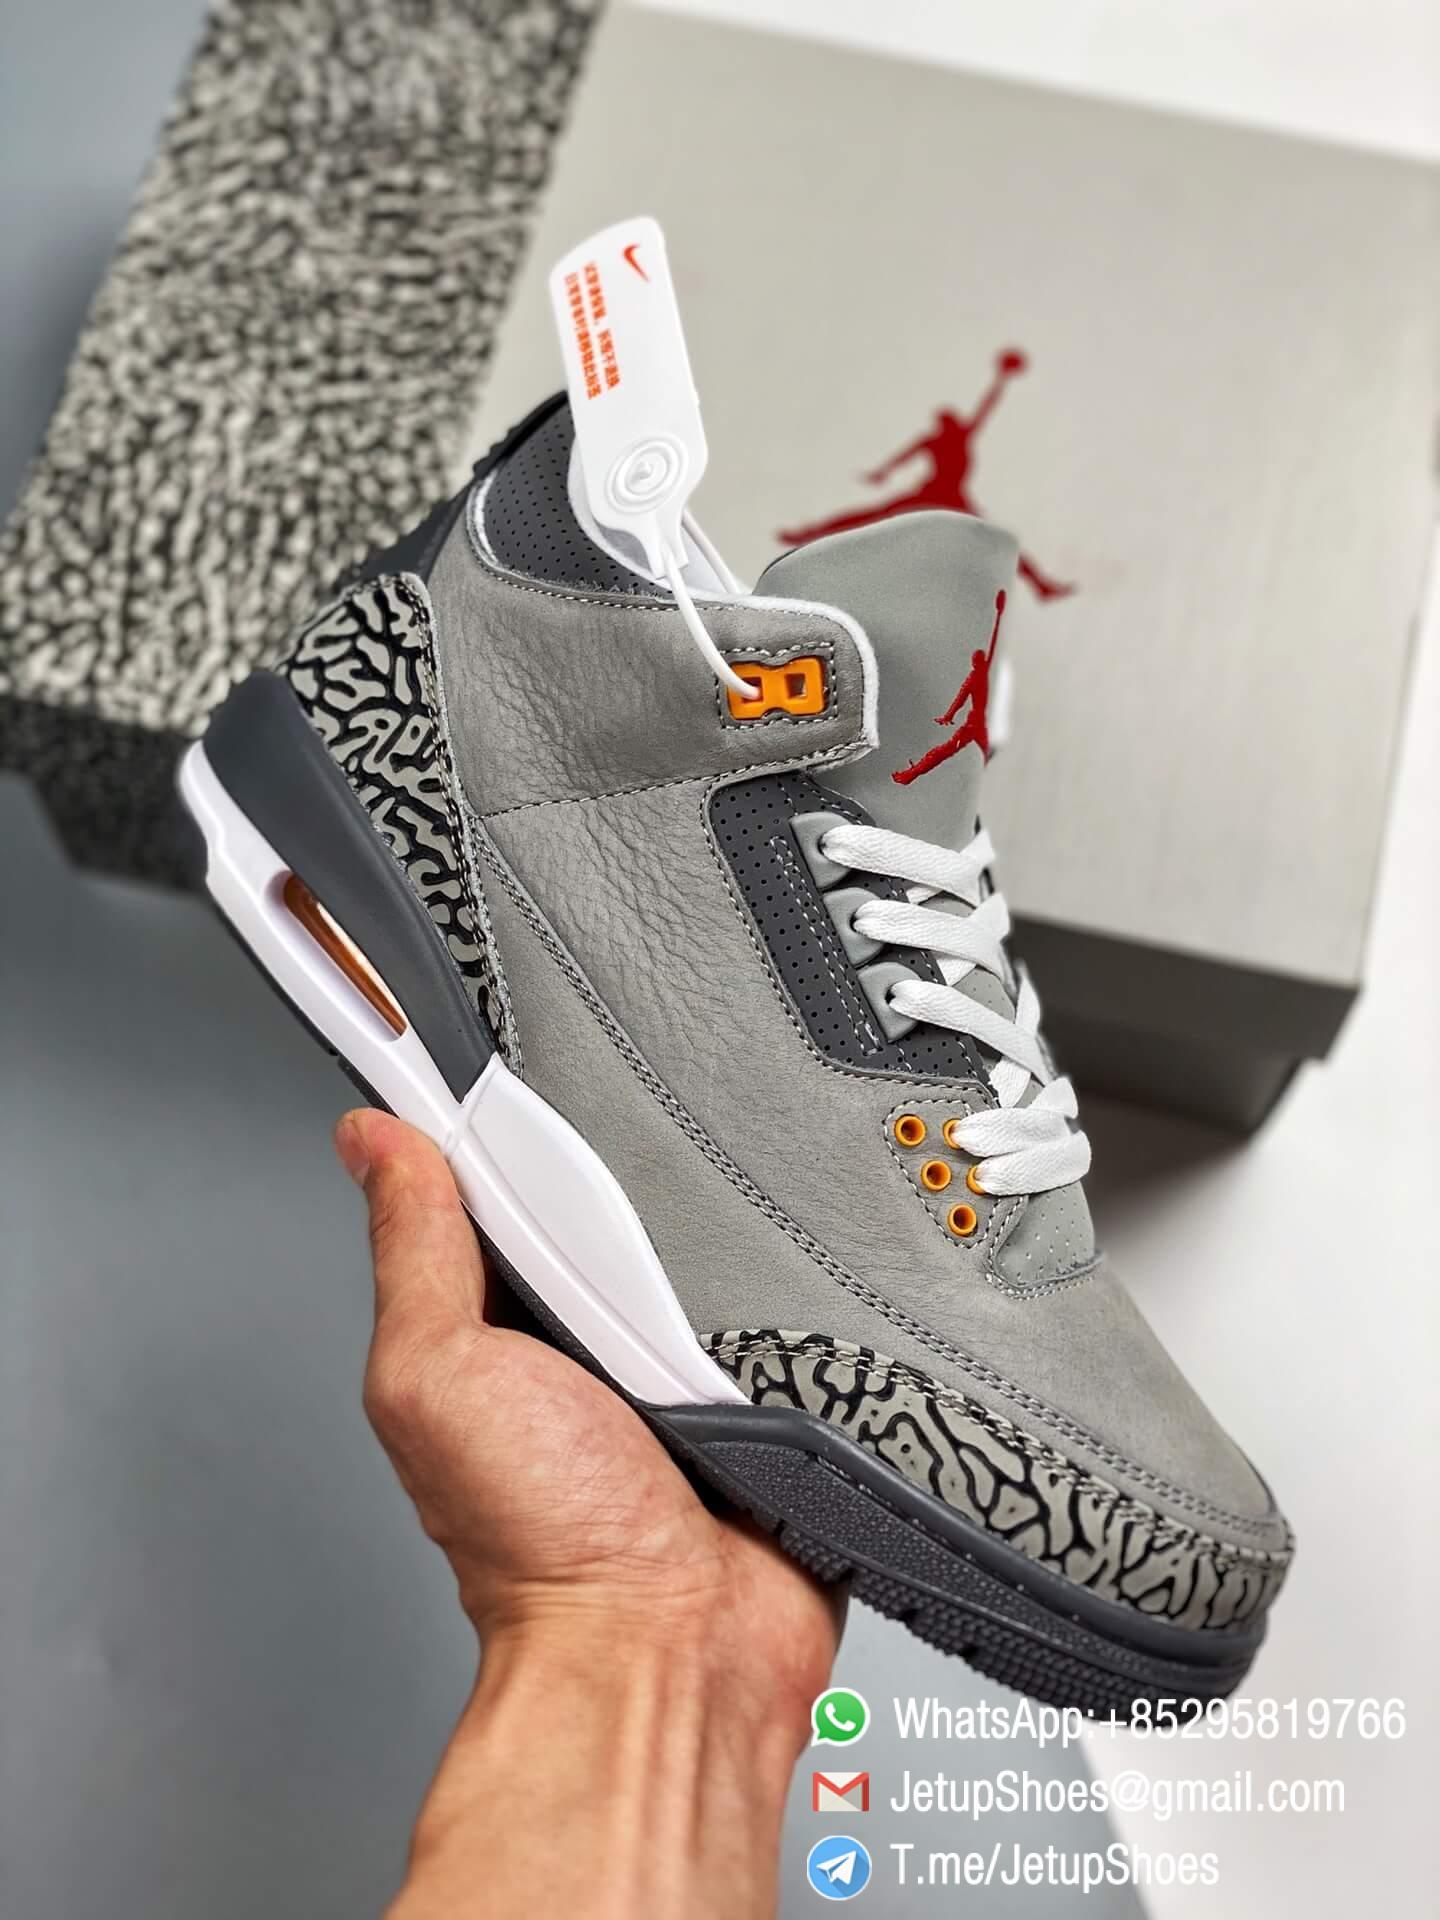 RepSneakers Air Jordan 3 Retro Cool Grey SKU CT8532 012 Grey Leather Upper Best Replica Sneakers 01